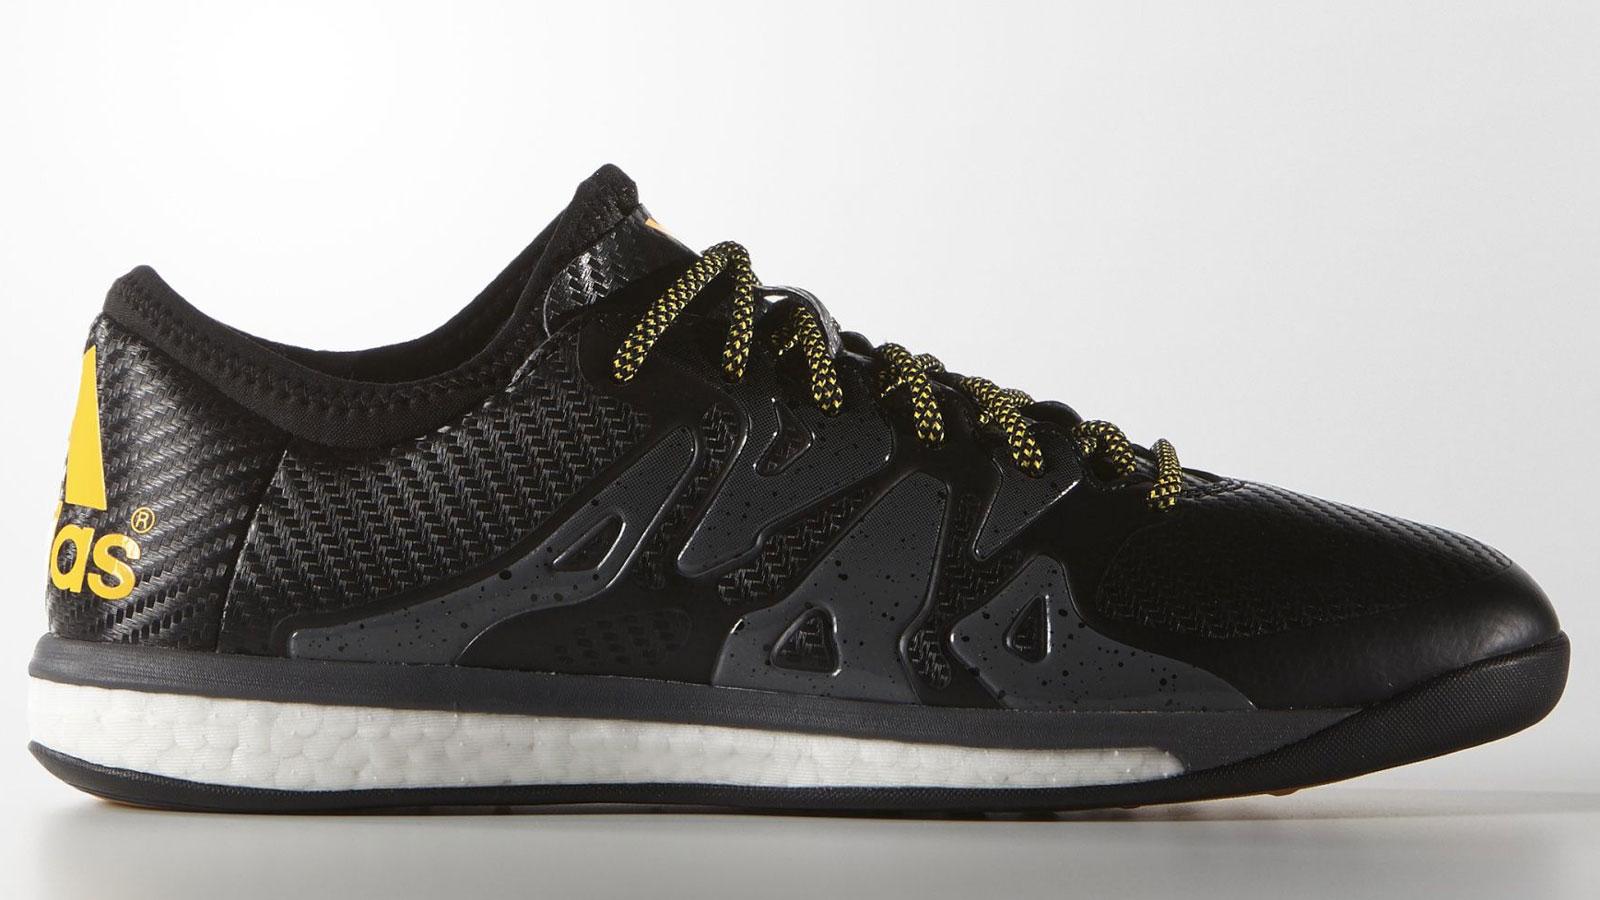 nike damaged skor return policy, Nike 7 Pursuit 2 In 1 Short